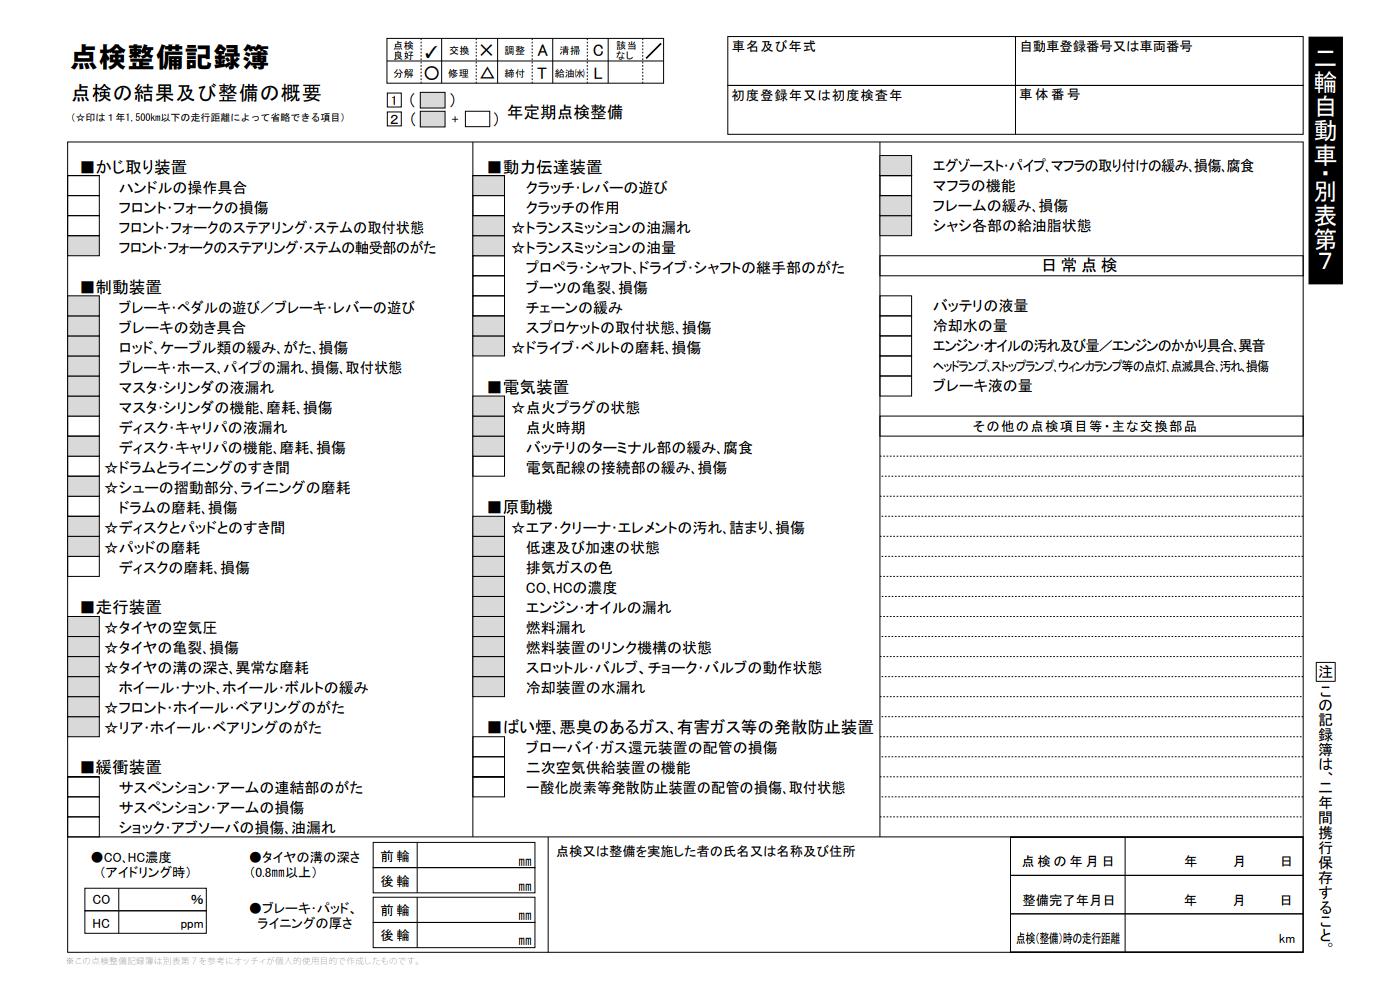 点検 整備 記録 簿 別表 3 ダウンロード